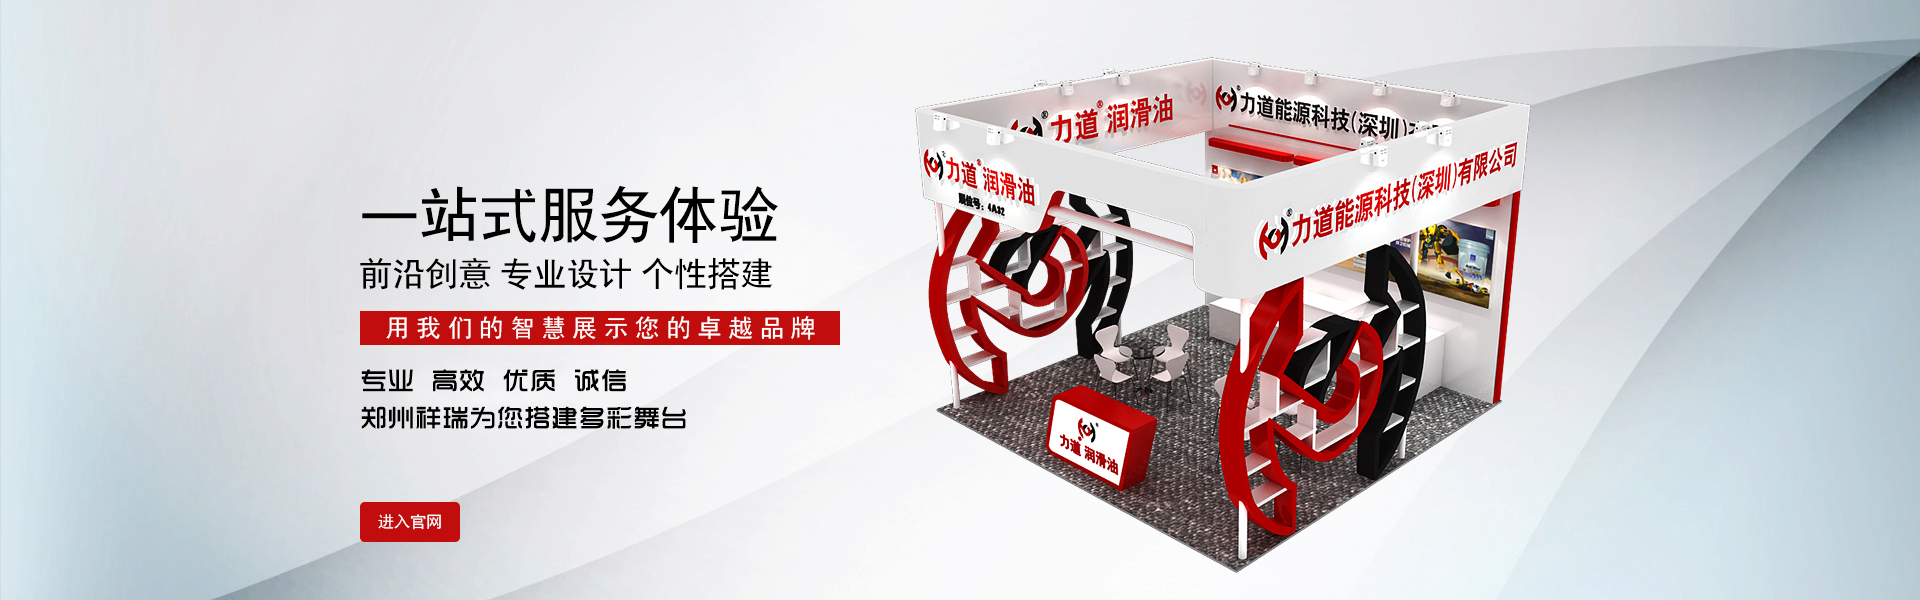 郑州万博manbetx安卓版搭建